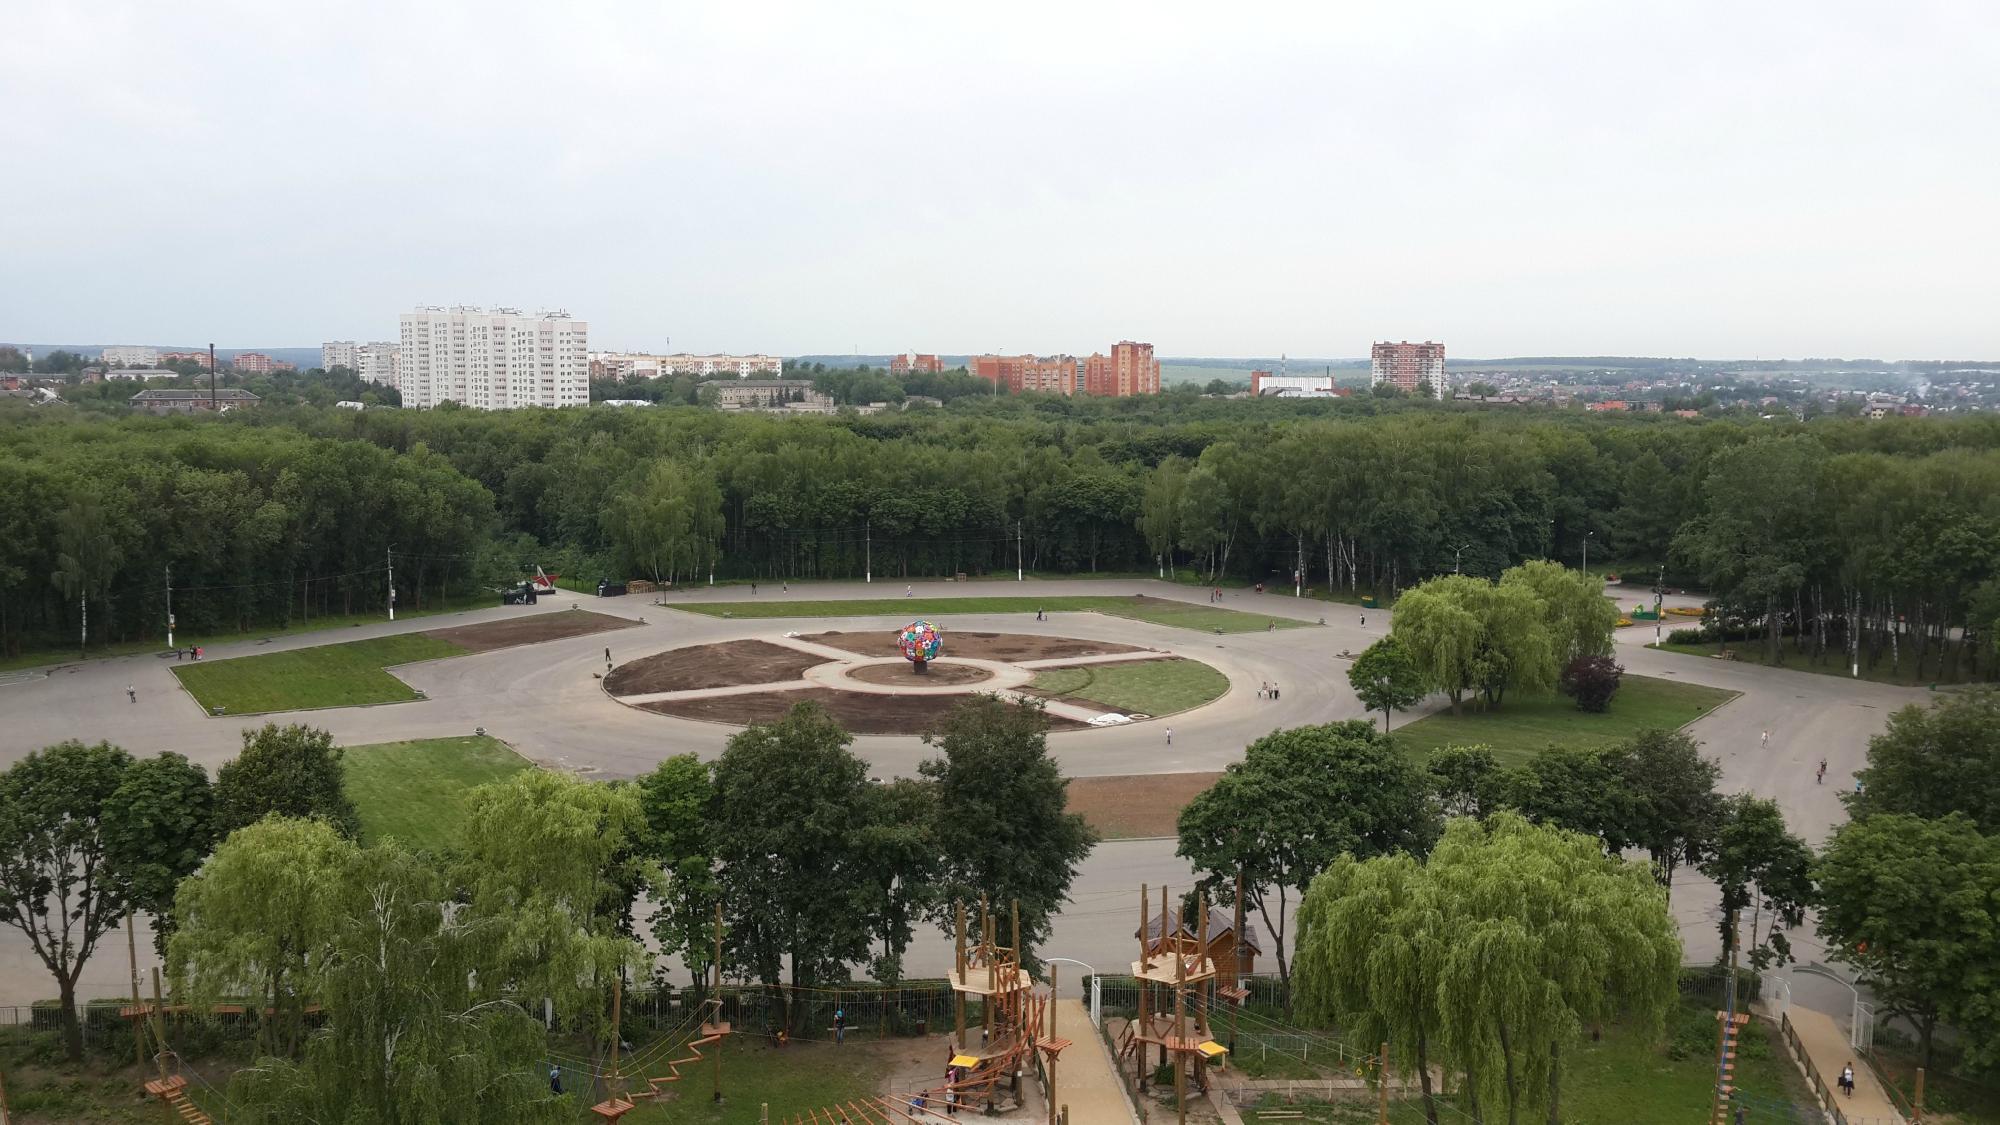 Центральный парк культуры и отдыха им. П.П. Белоусова